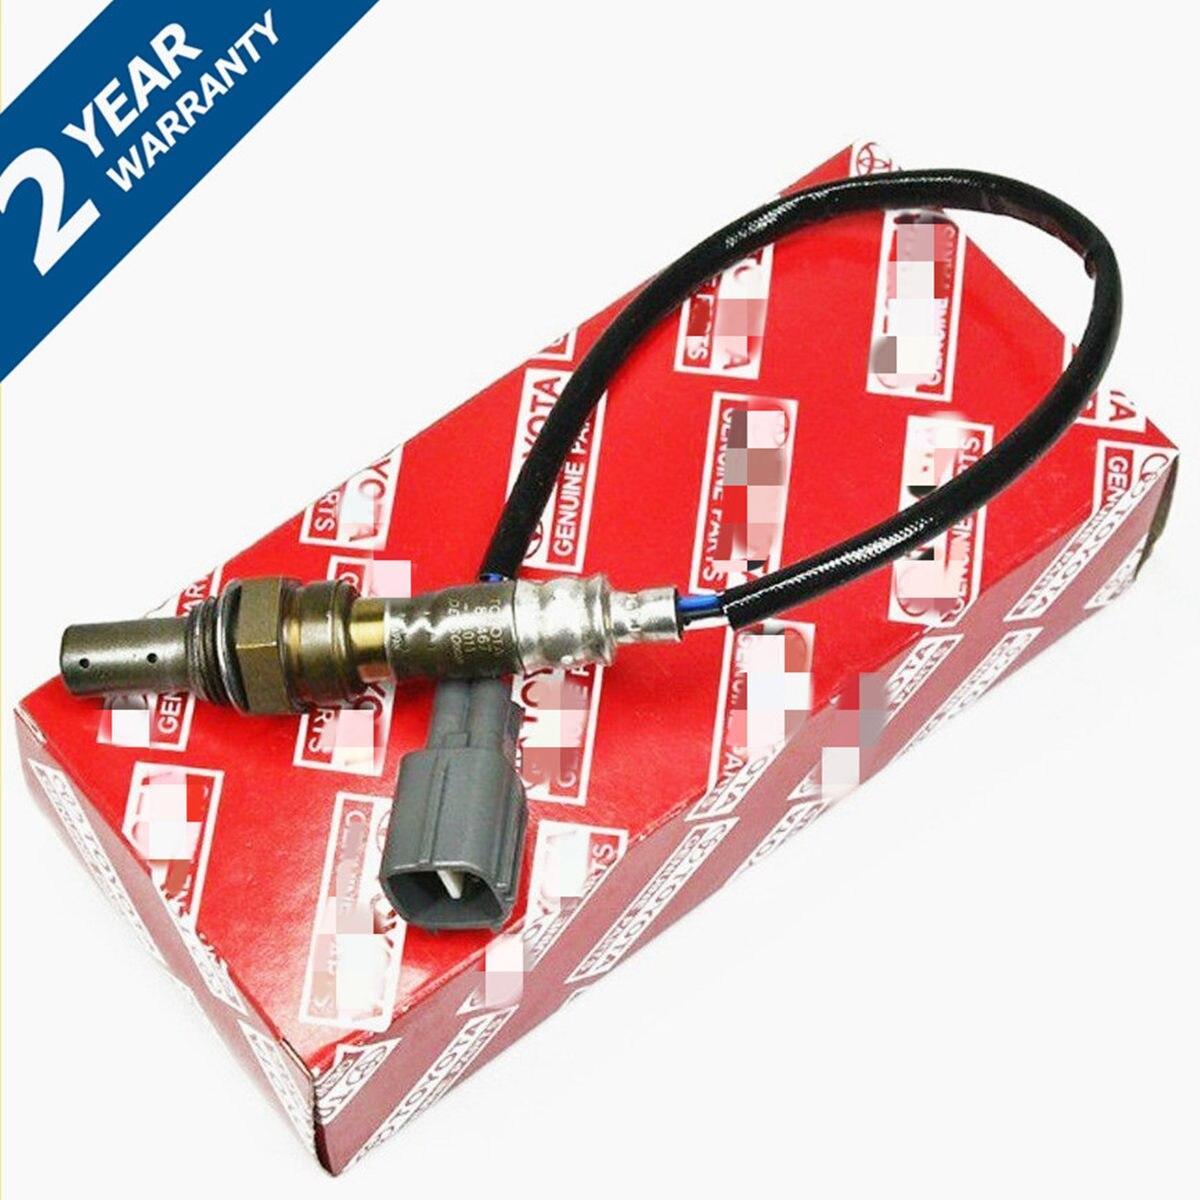 อัตราส่วนน้ำมันเชื้อเพลิง O2 เซนเซอร์ออกซิเจน SG848 89467-48011 234-9009 สำหรับ Toyota Lexu RX300 G1R